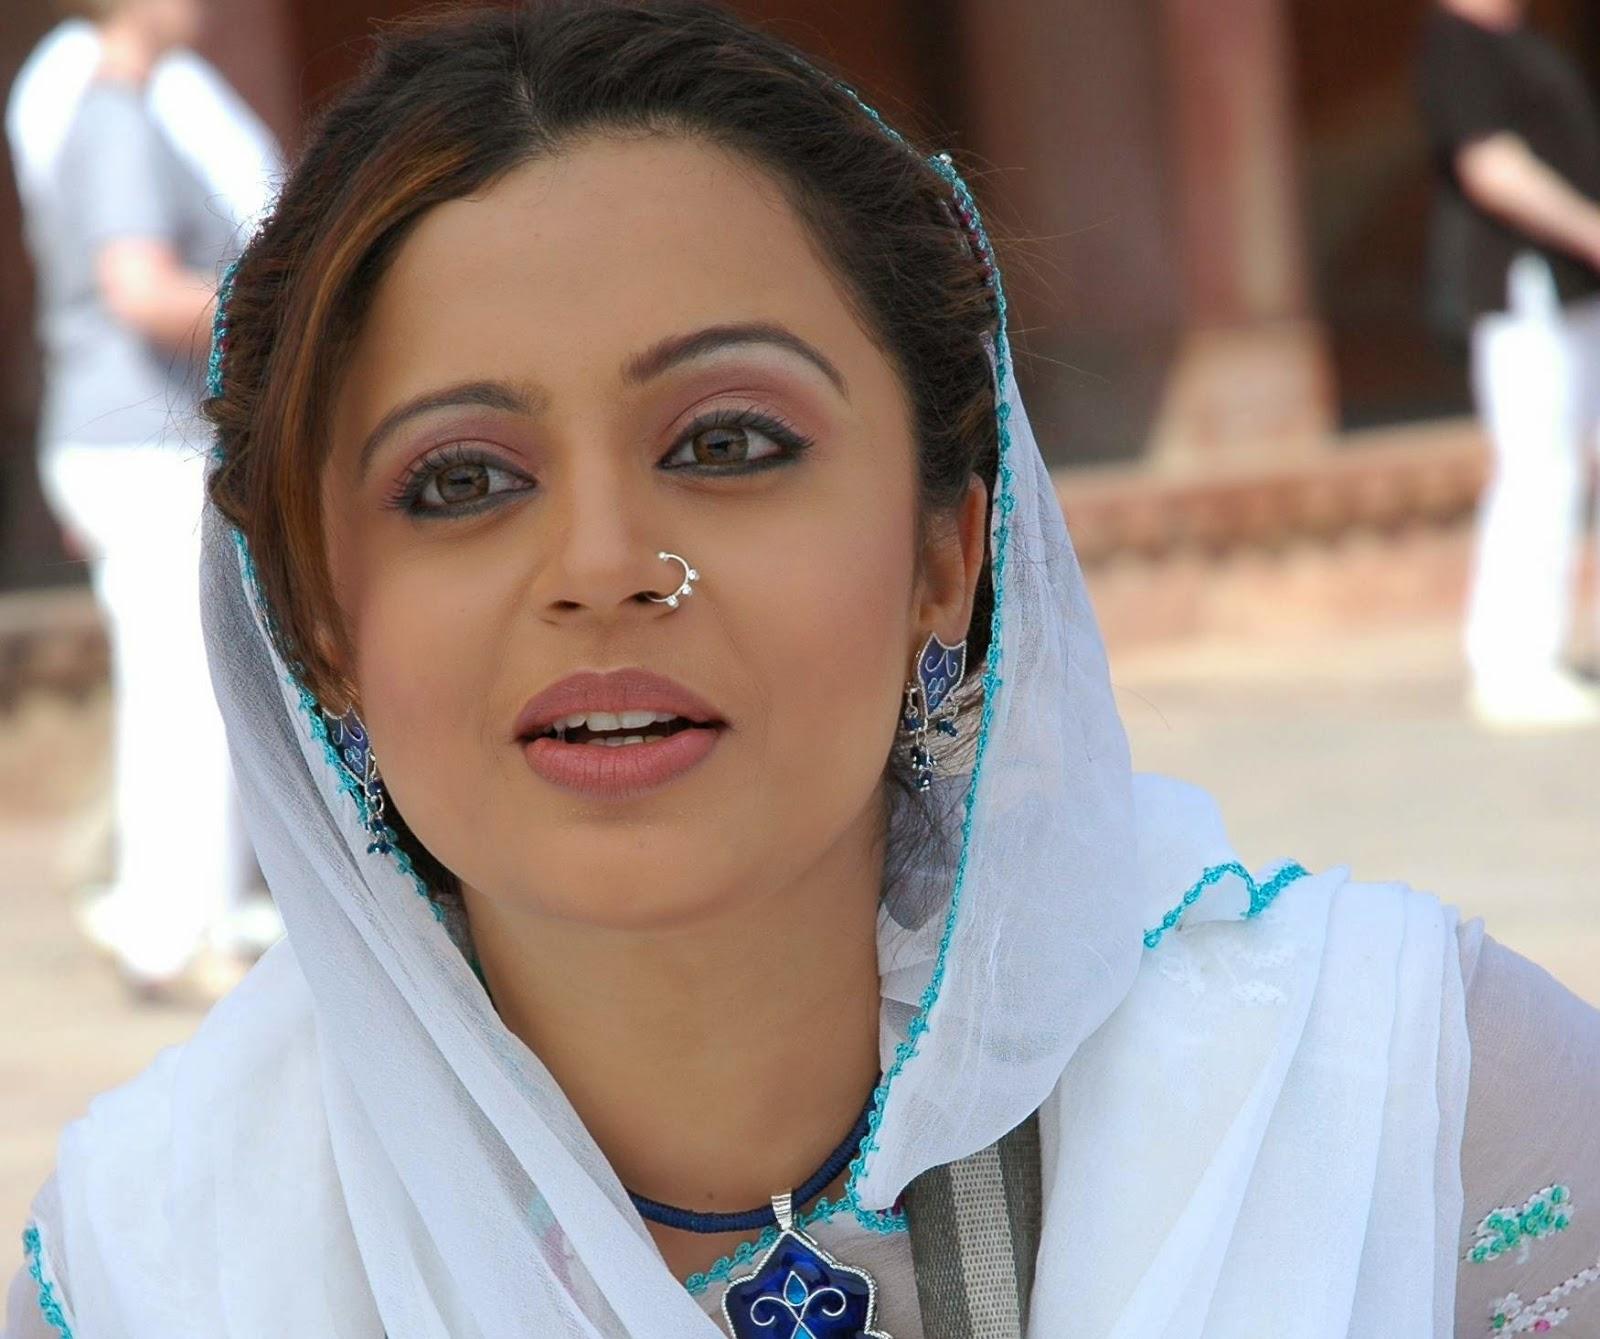 Image download original punjabi girl 39 s image gallery - Punjabi desi pic ...